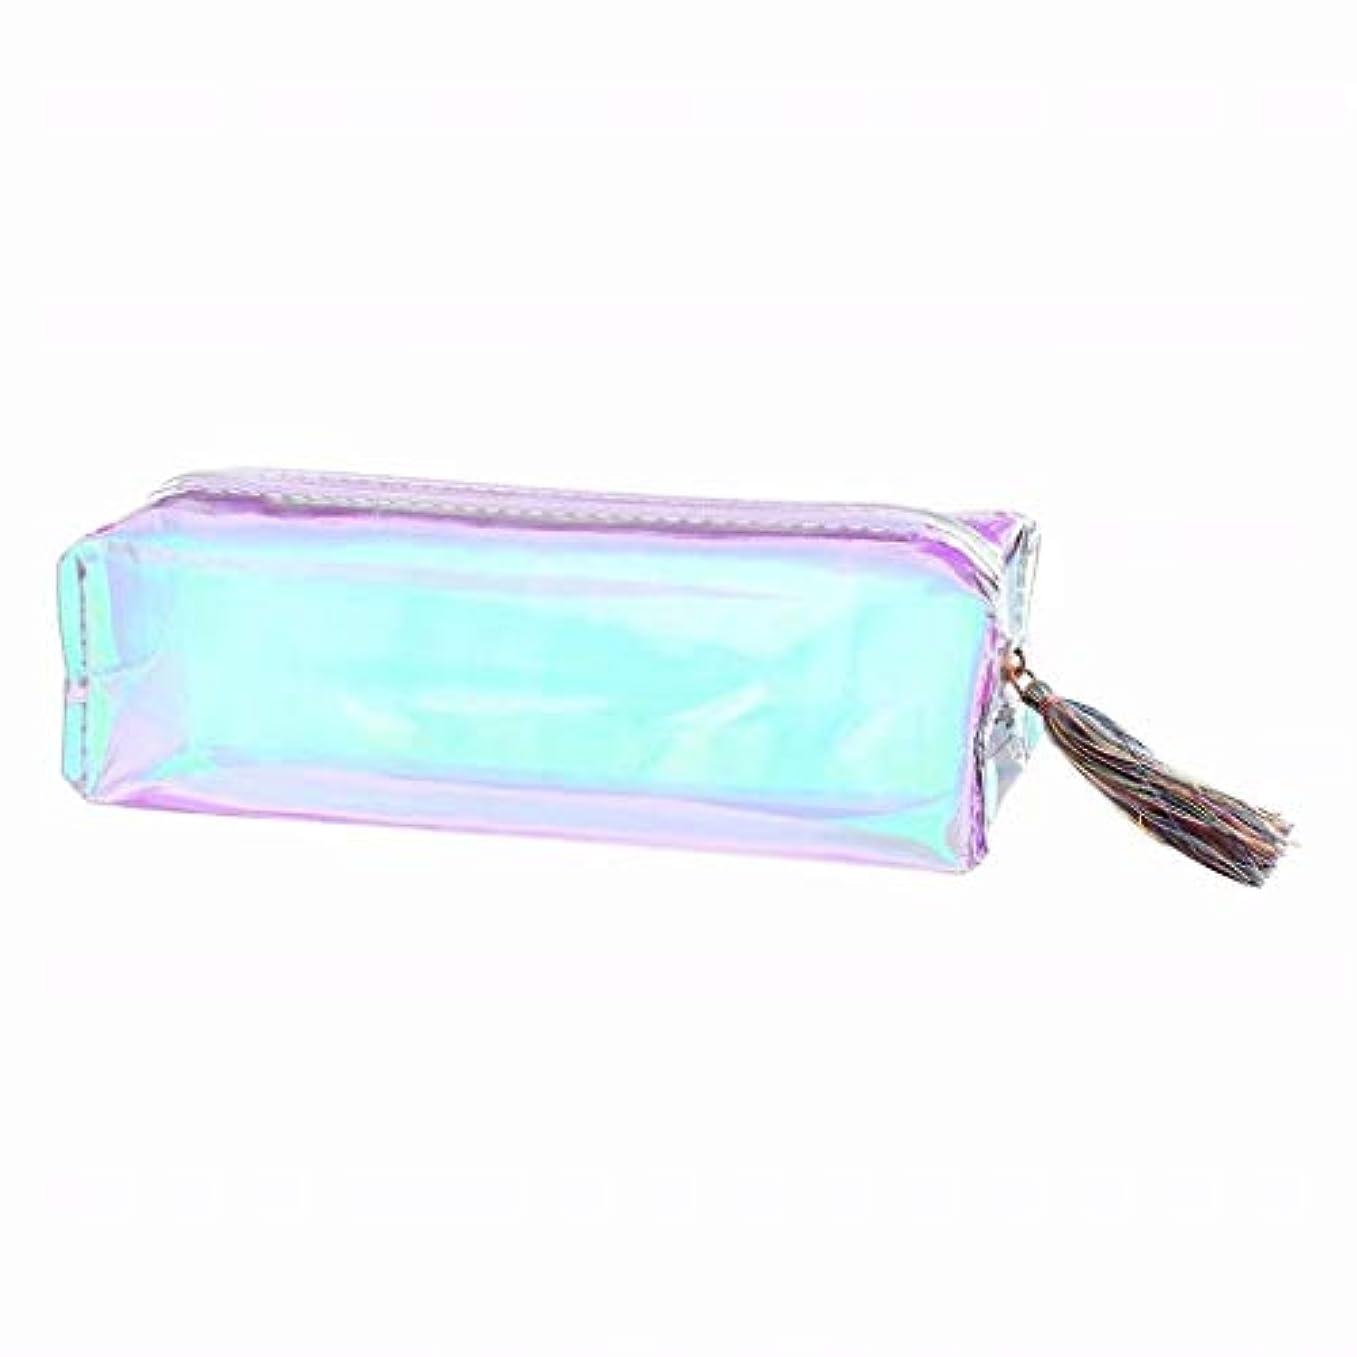 暗殺恐ろしいです不明瞭七里の香 大容量の文房具の鉛筆のペンケースの化粧品袋のジッパーの袋の財布